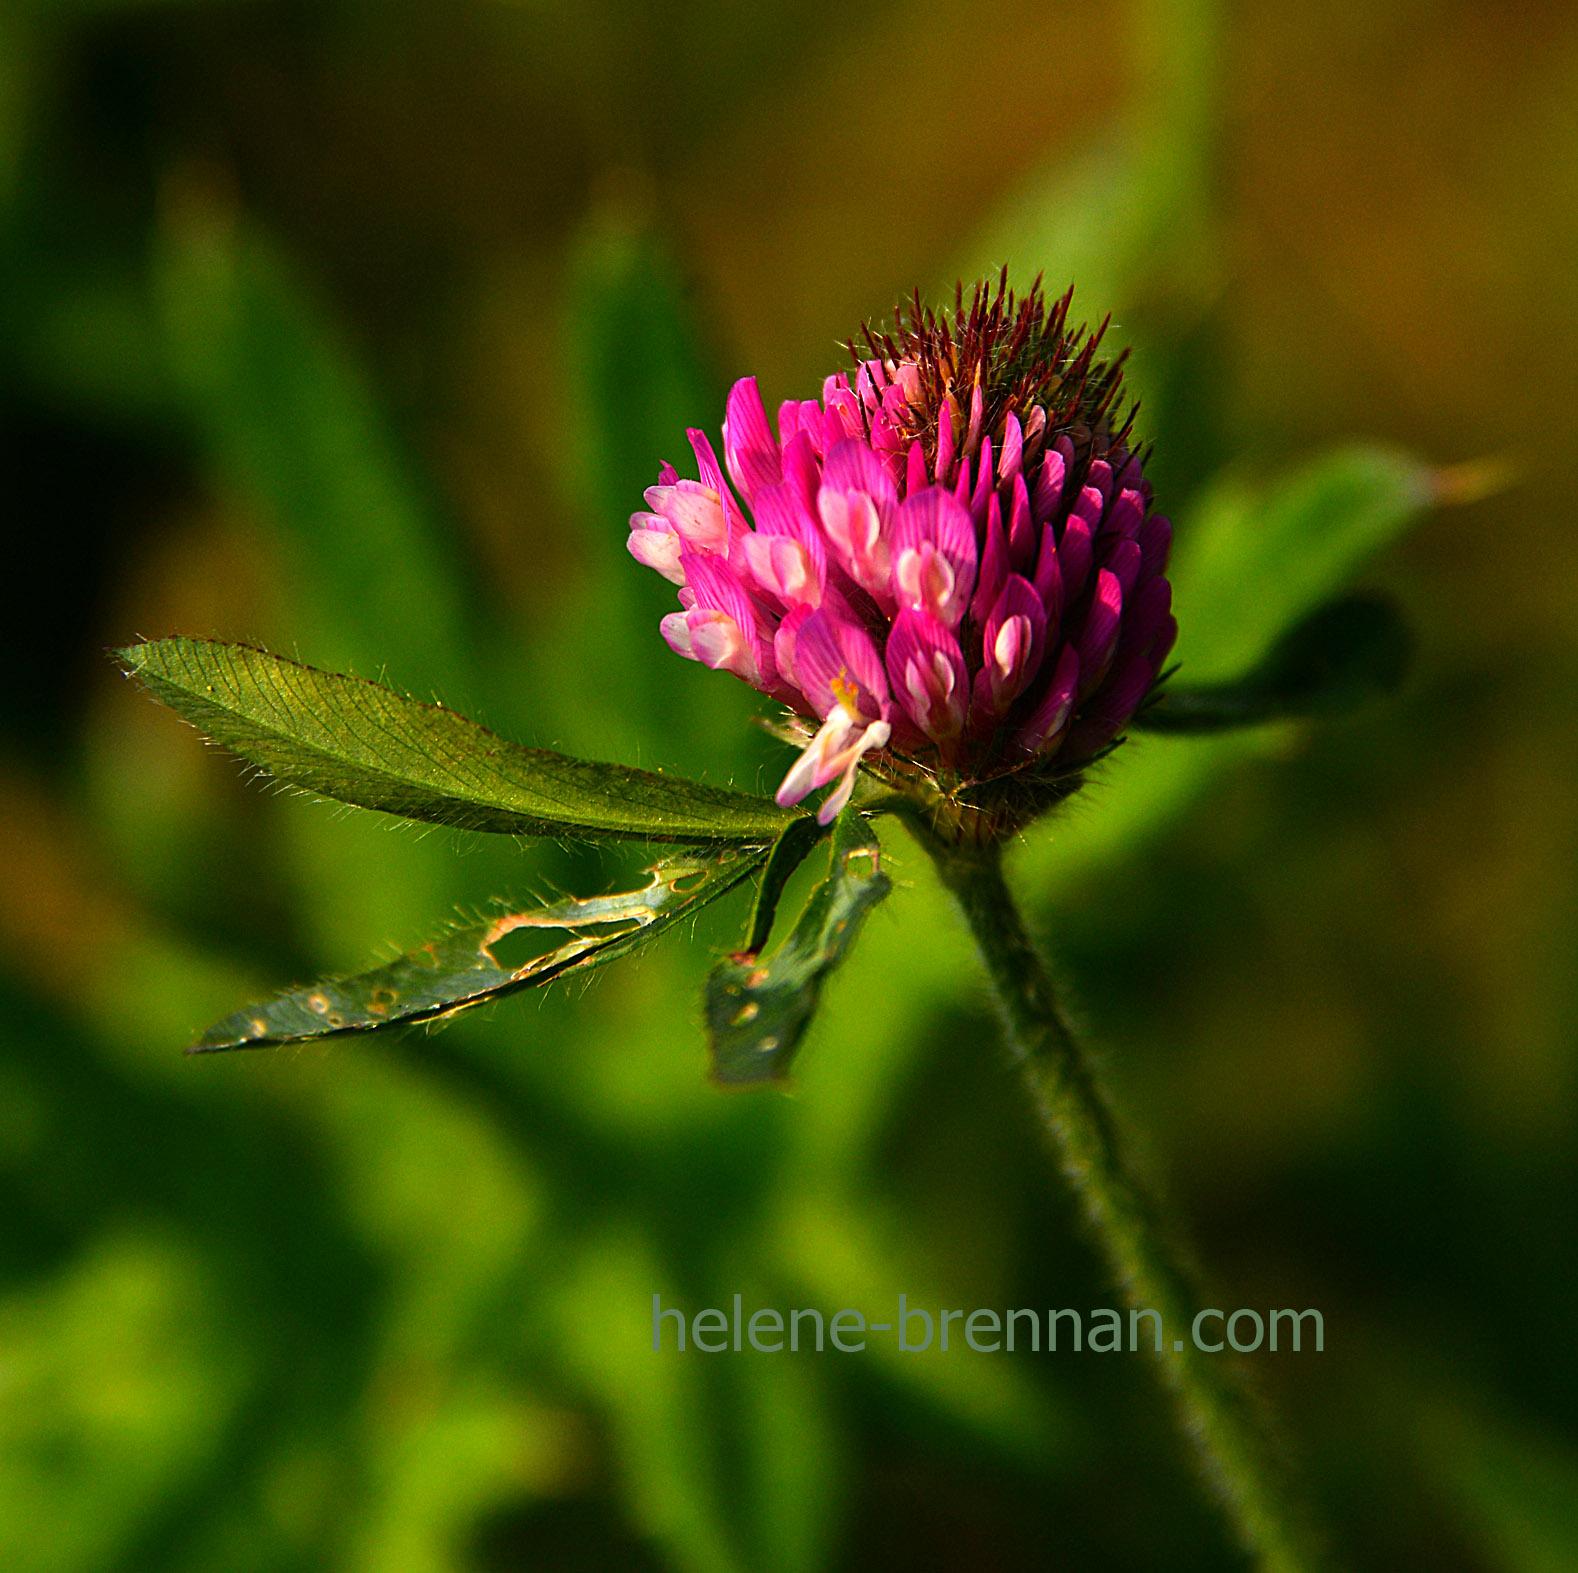 DSC_2829 thistle flower